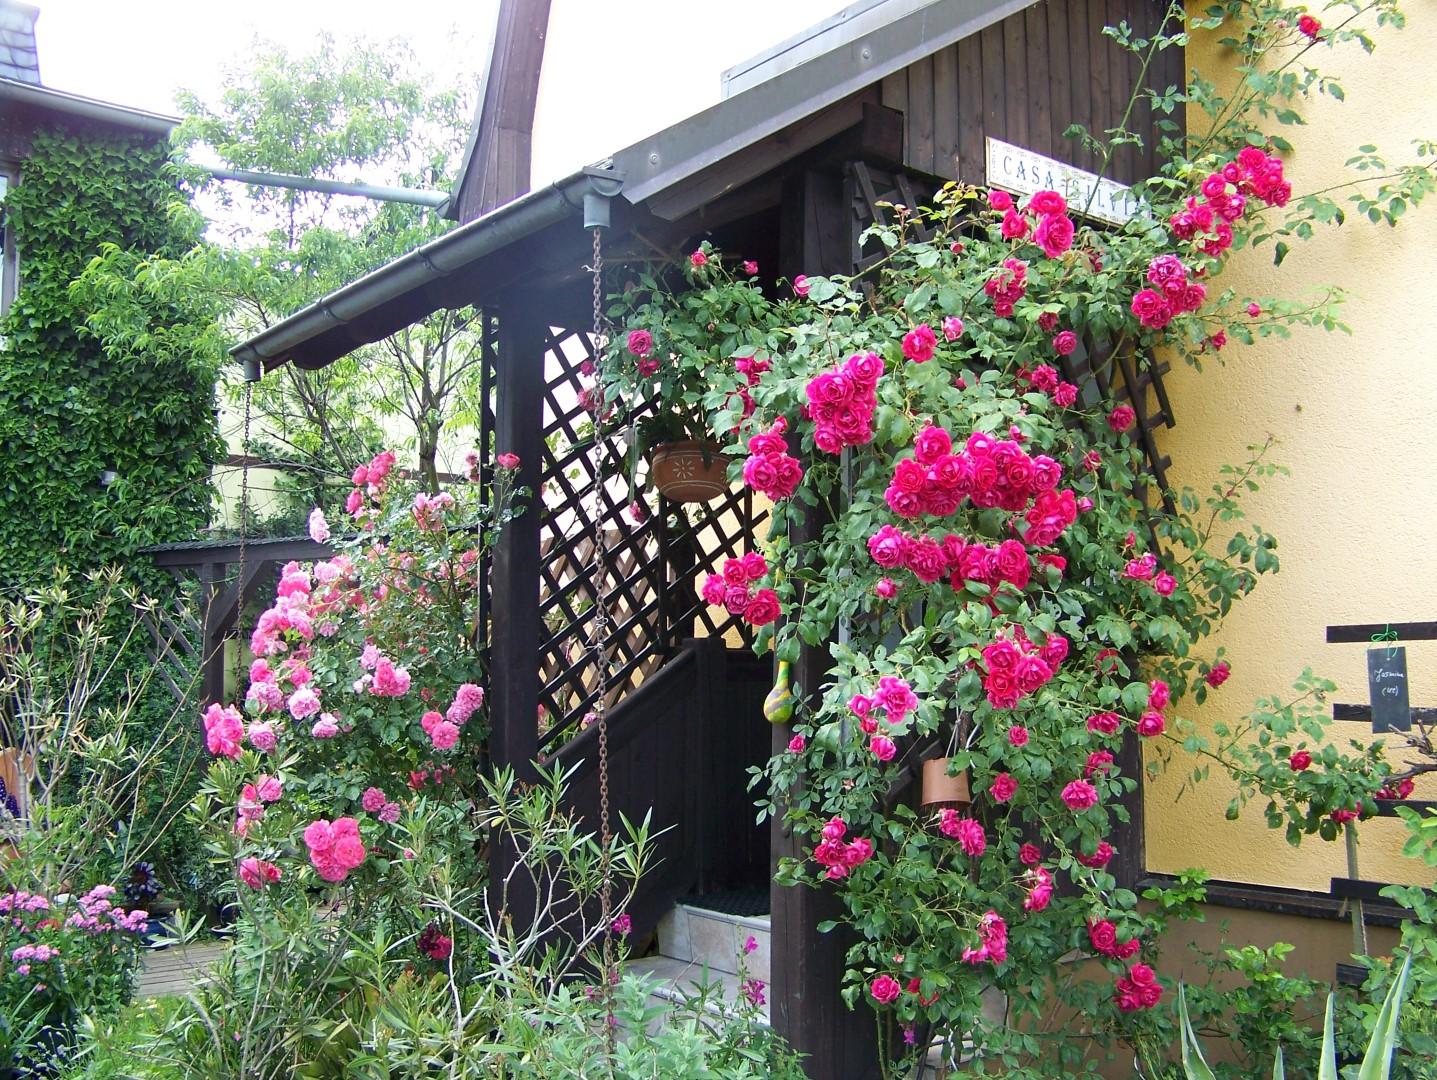 Stadtverwaltung Schleiz Offene Garten Schleiz Am 18 Juni